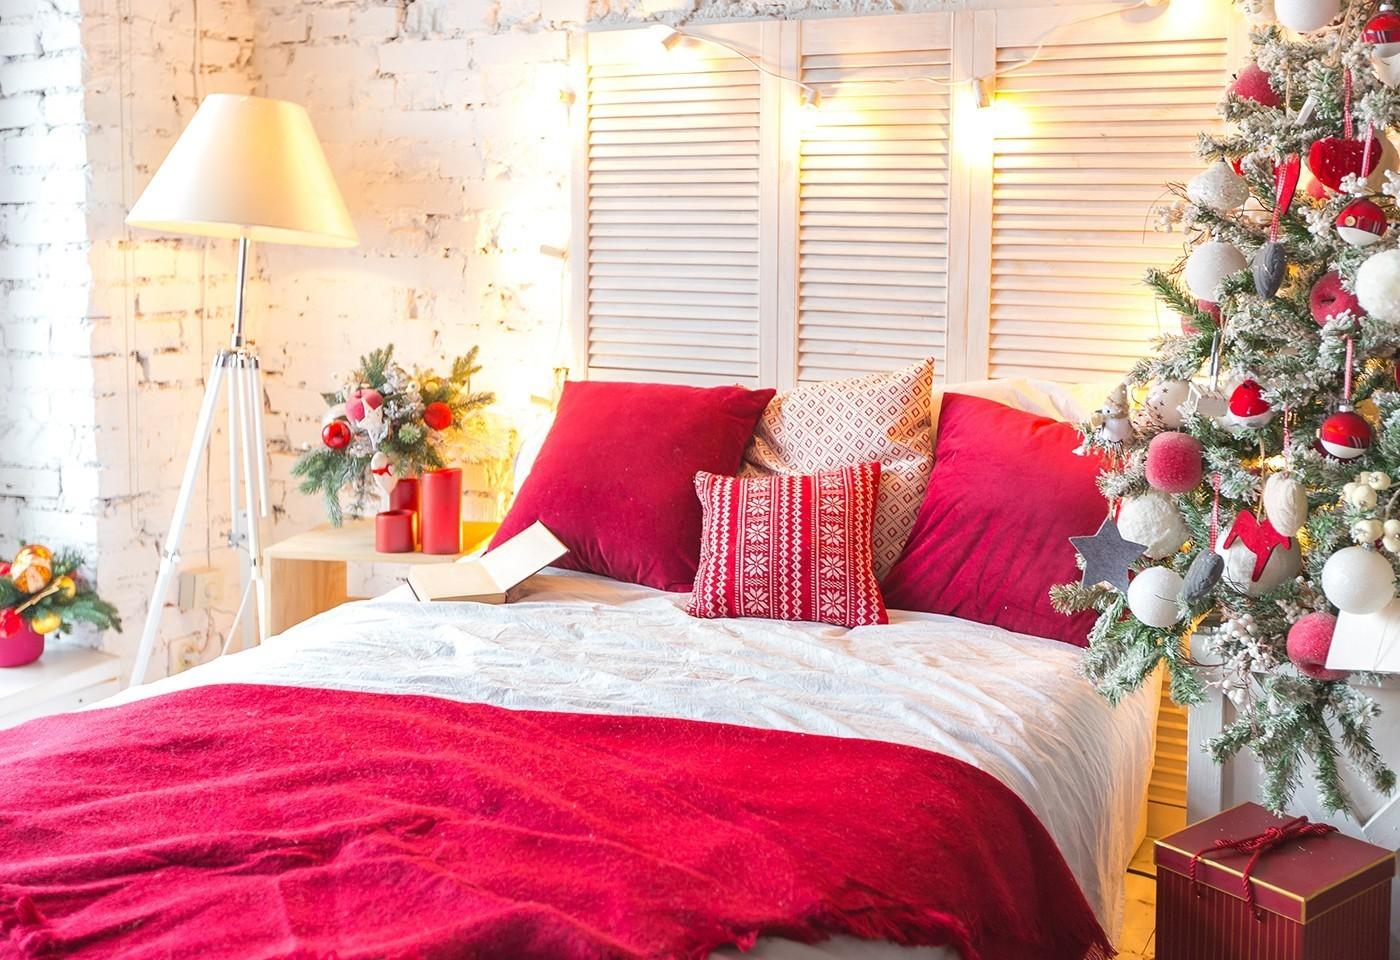 Entzuckende Deko Ideen Furs Schlafzimmer Weihnachtlich Dekorieren Fresh Ideen Fur Das Interieur Dekoration Und Landschaft